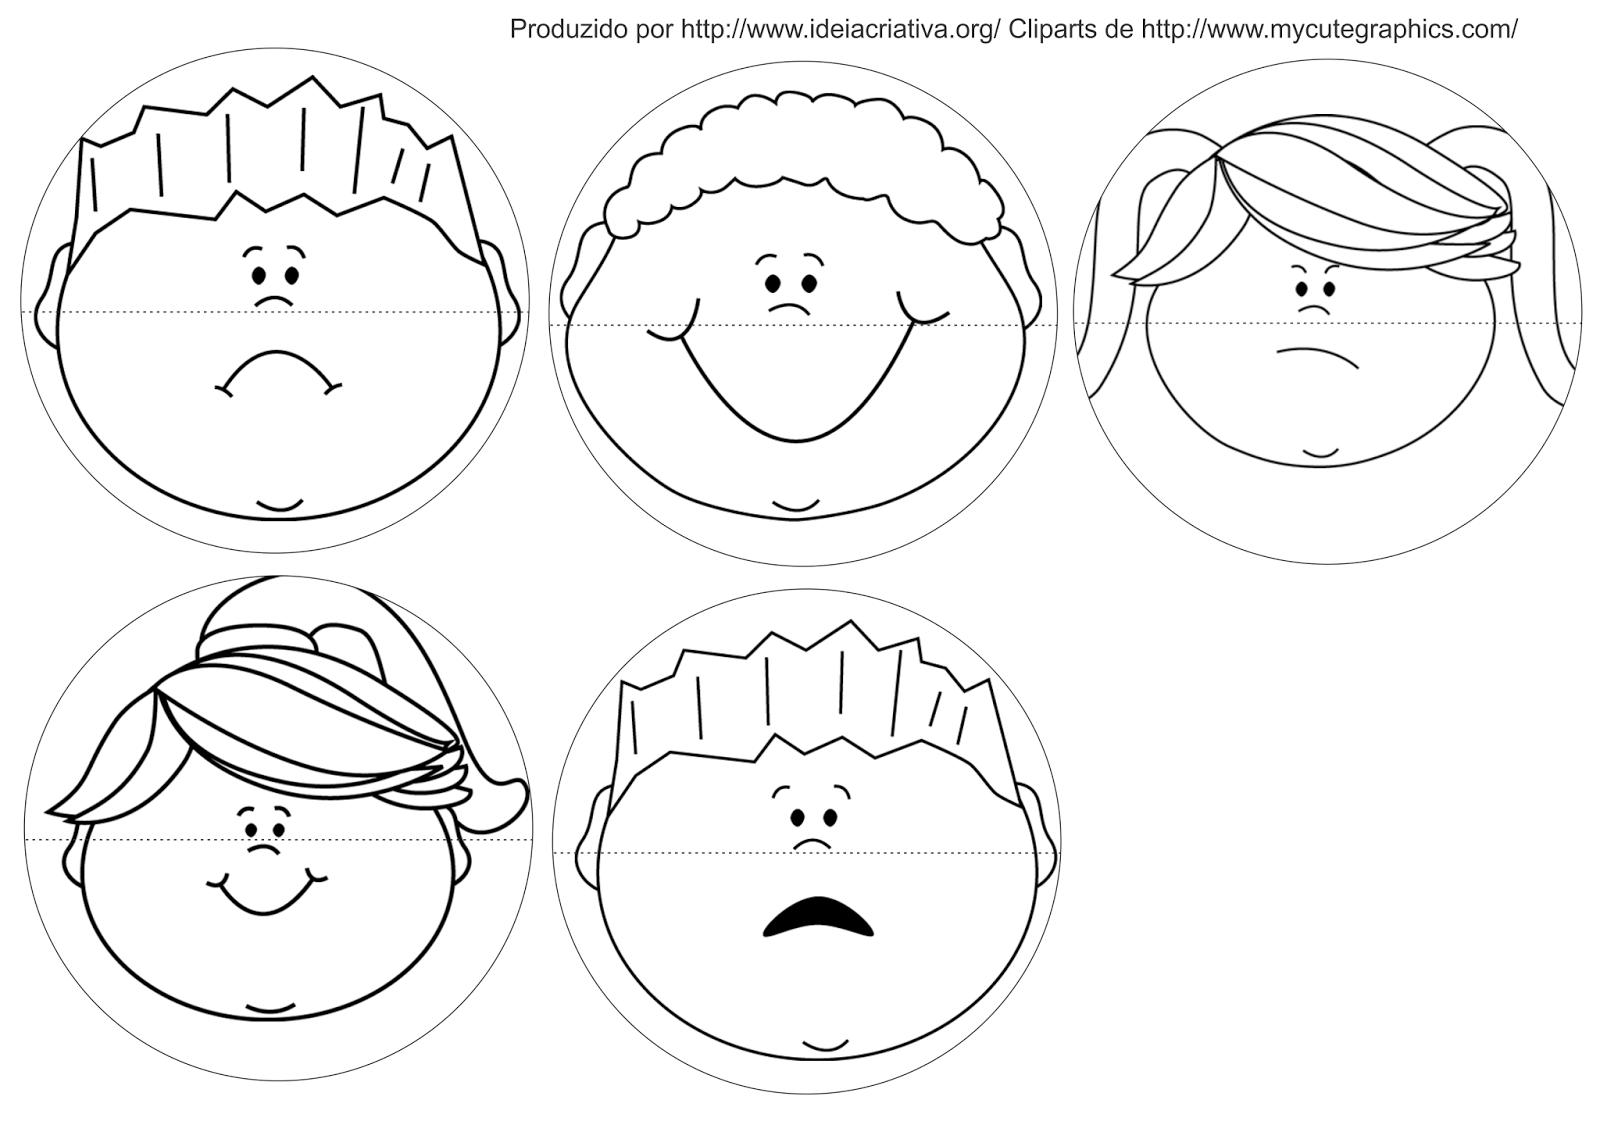 Jogo Pedagógico Trabalhando Expressões e Sentimentos